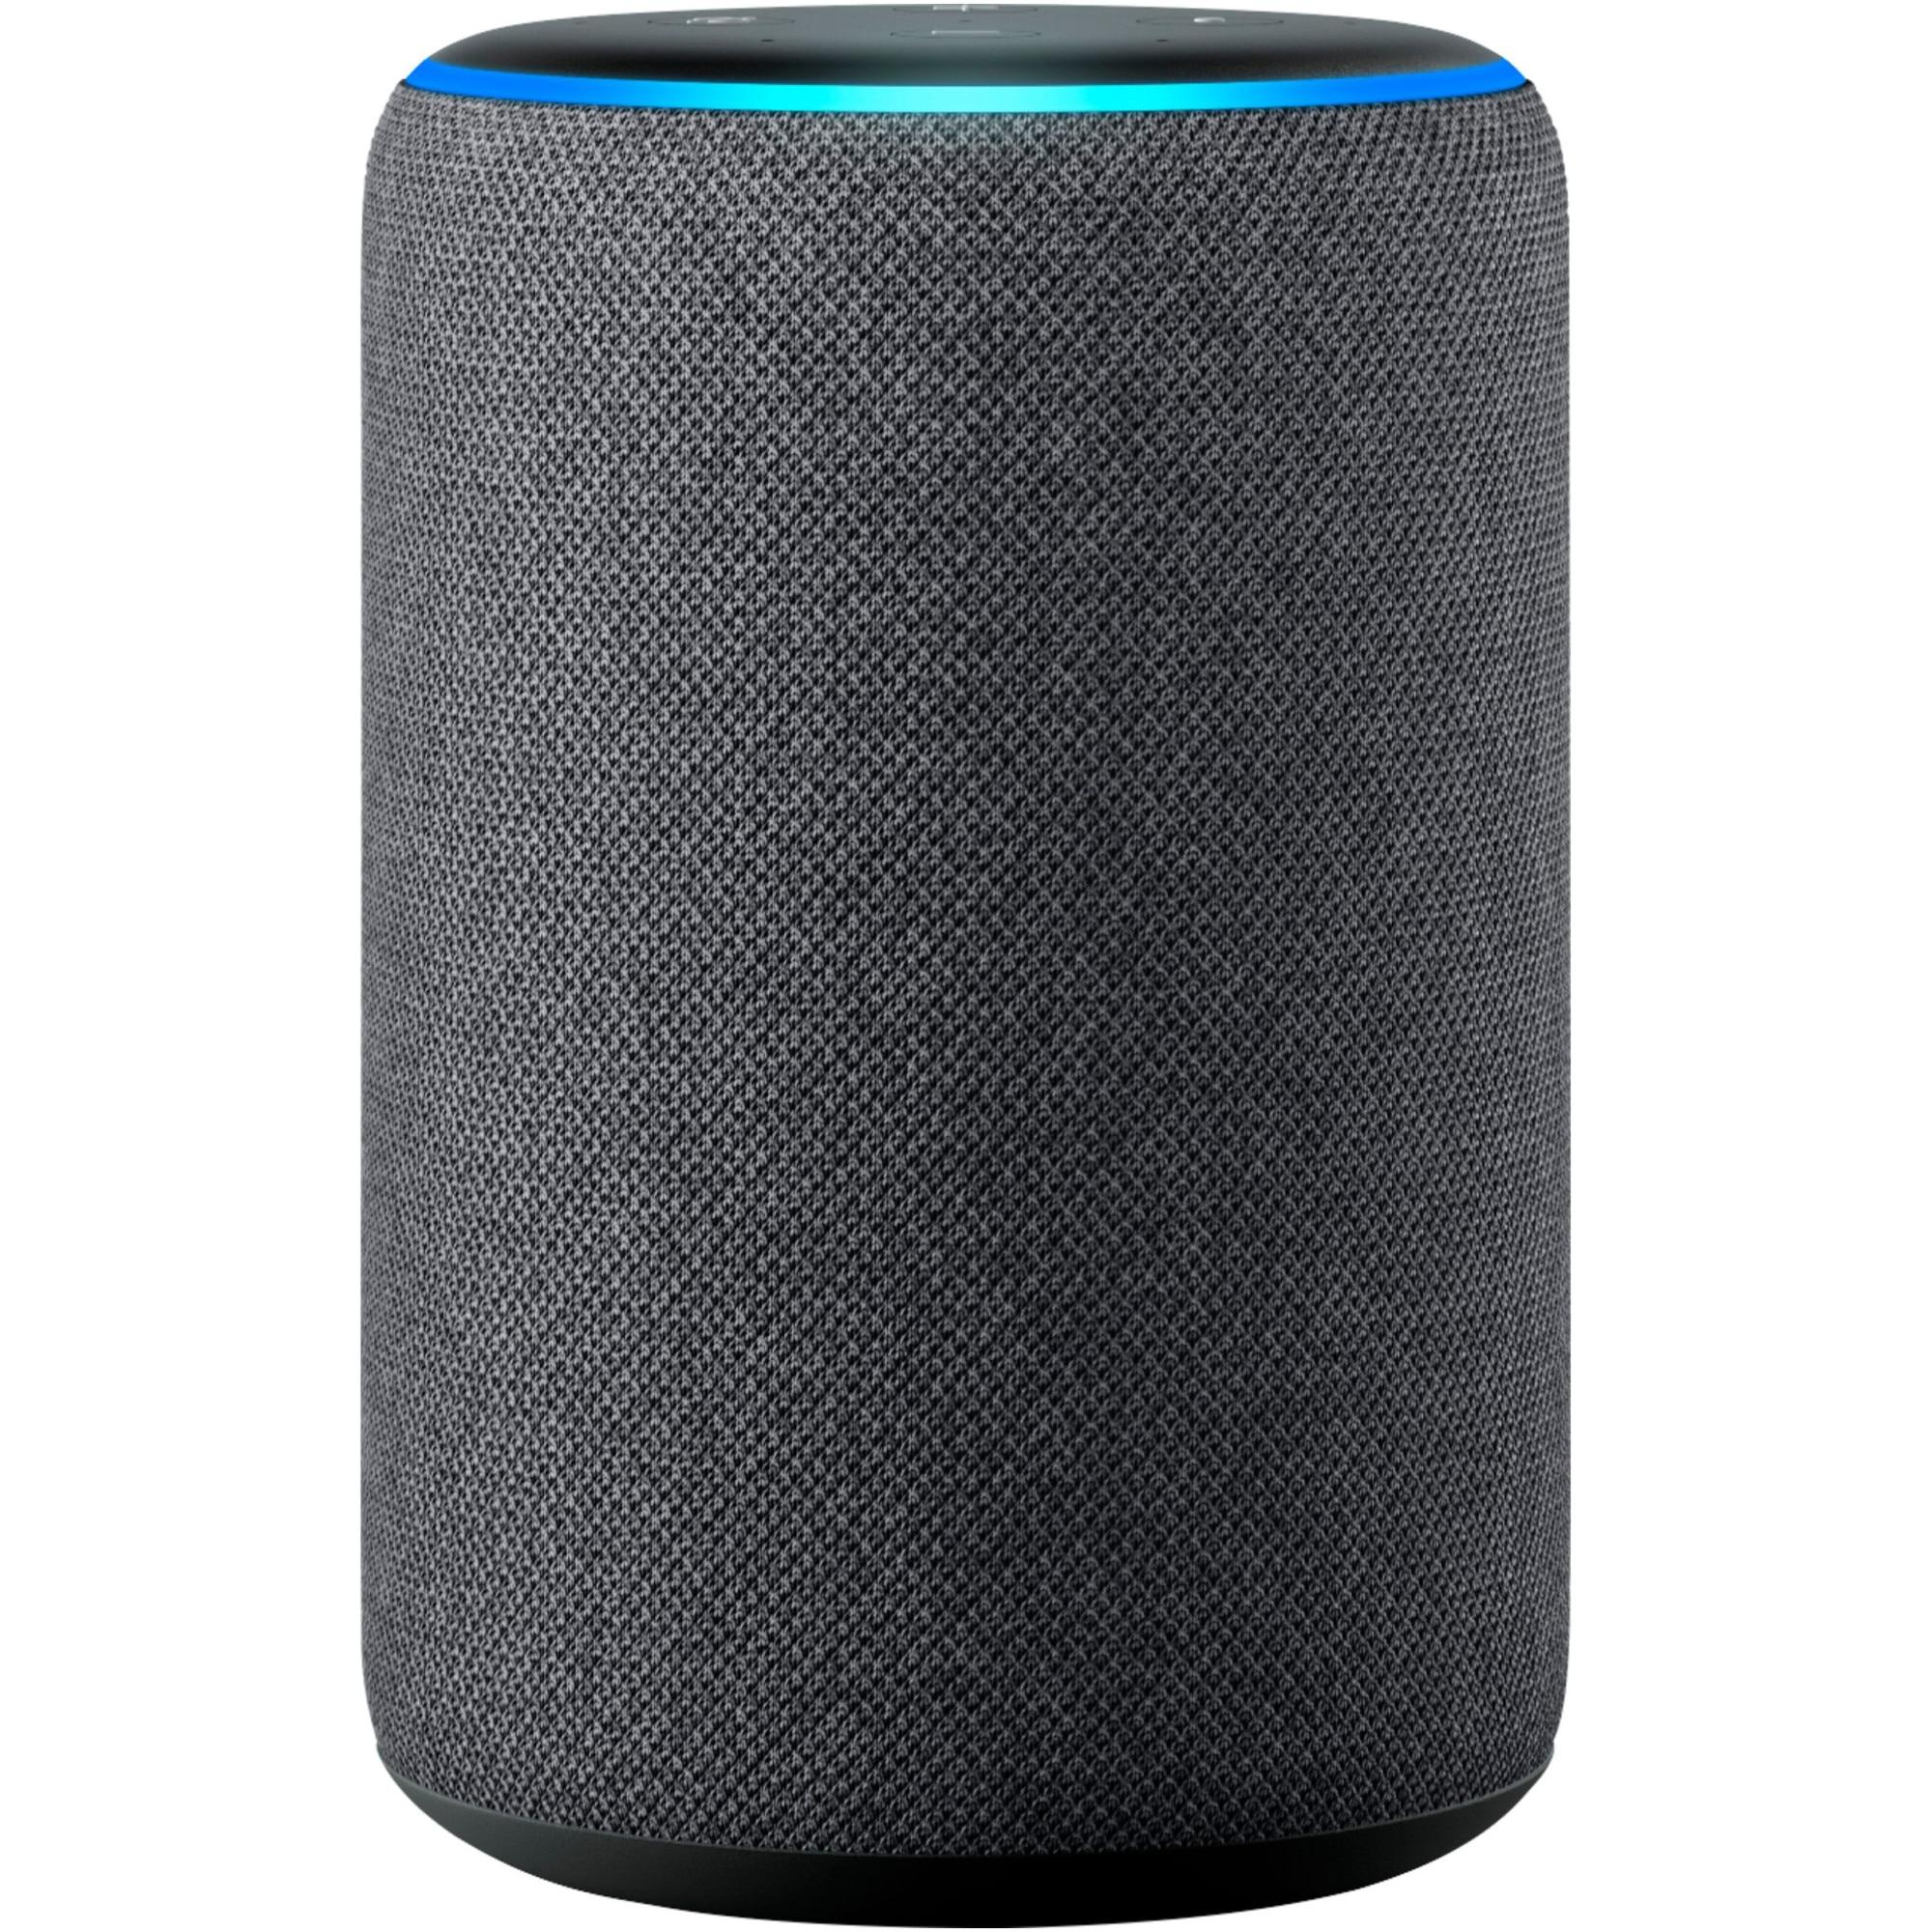 Fotografie Boxa inteligenta Amazon Echo Plus (2nd Gen), Wi-Fi, Neagra